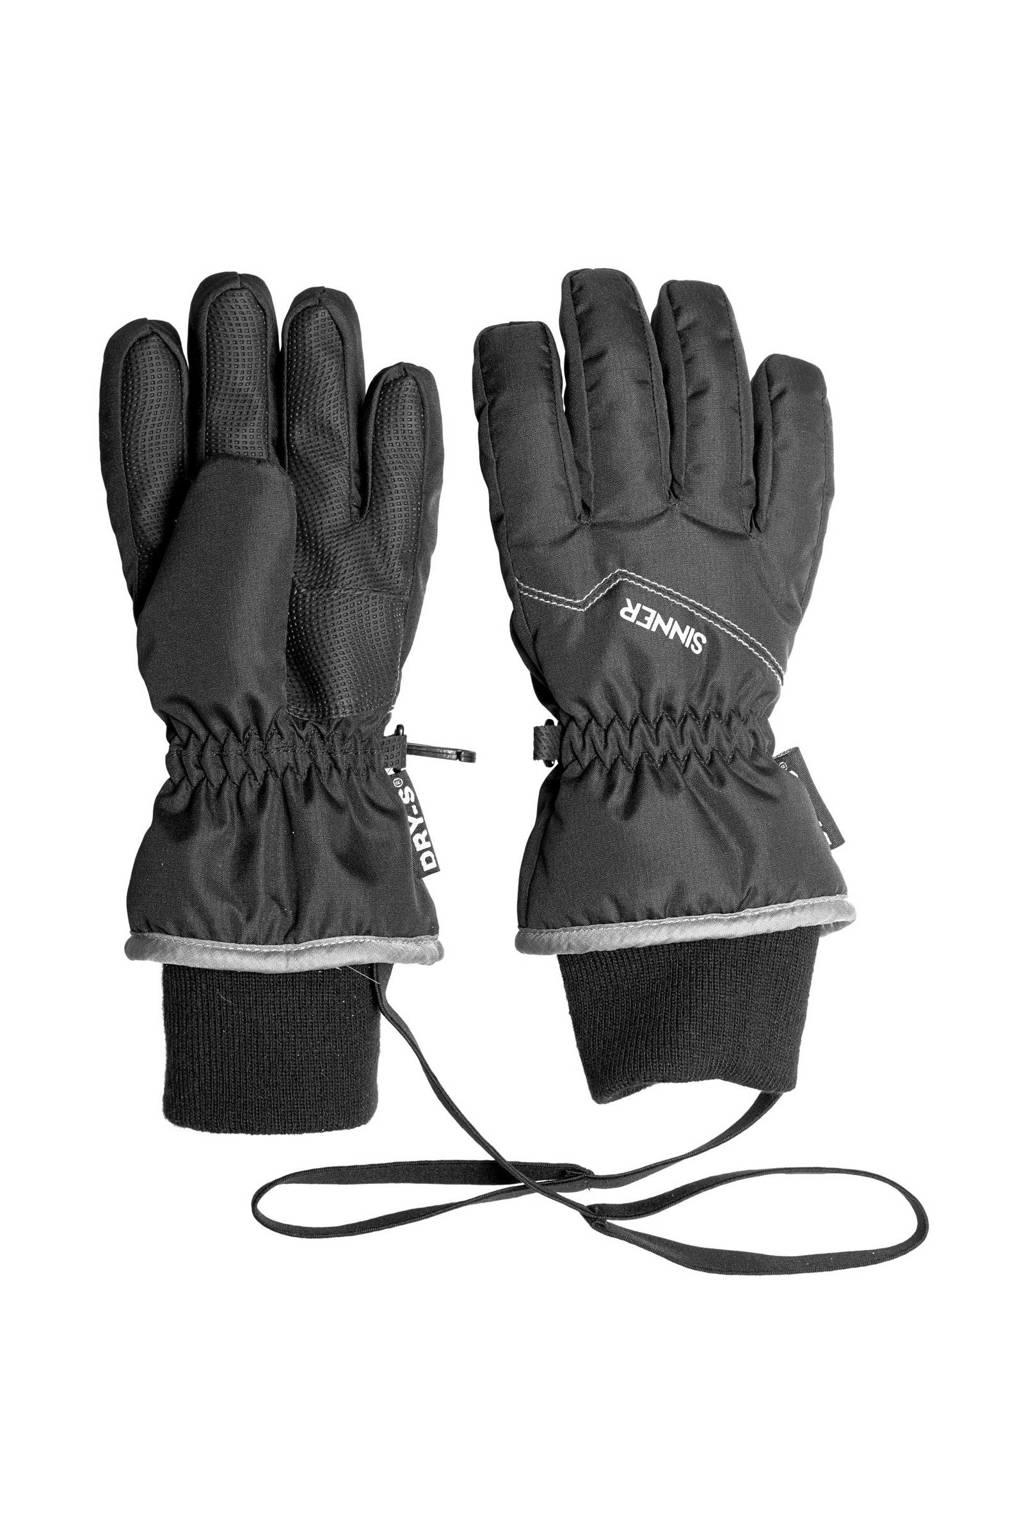 Sinner skihandschoenen Phoenix zwart/grijs, Zwart/grijs